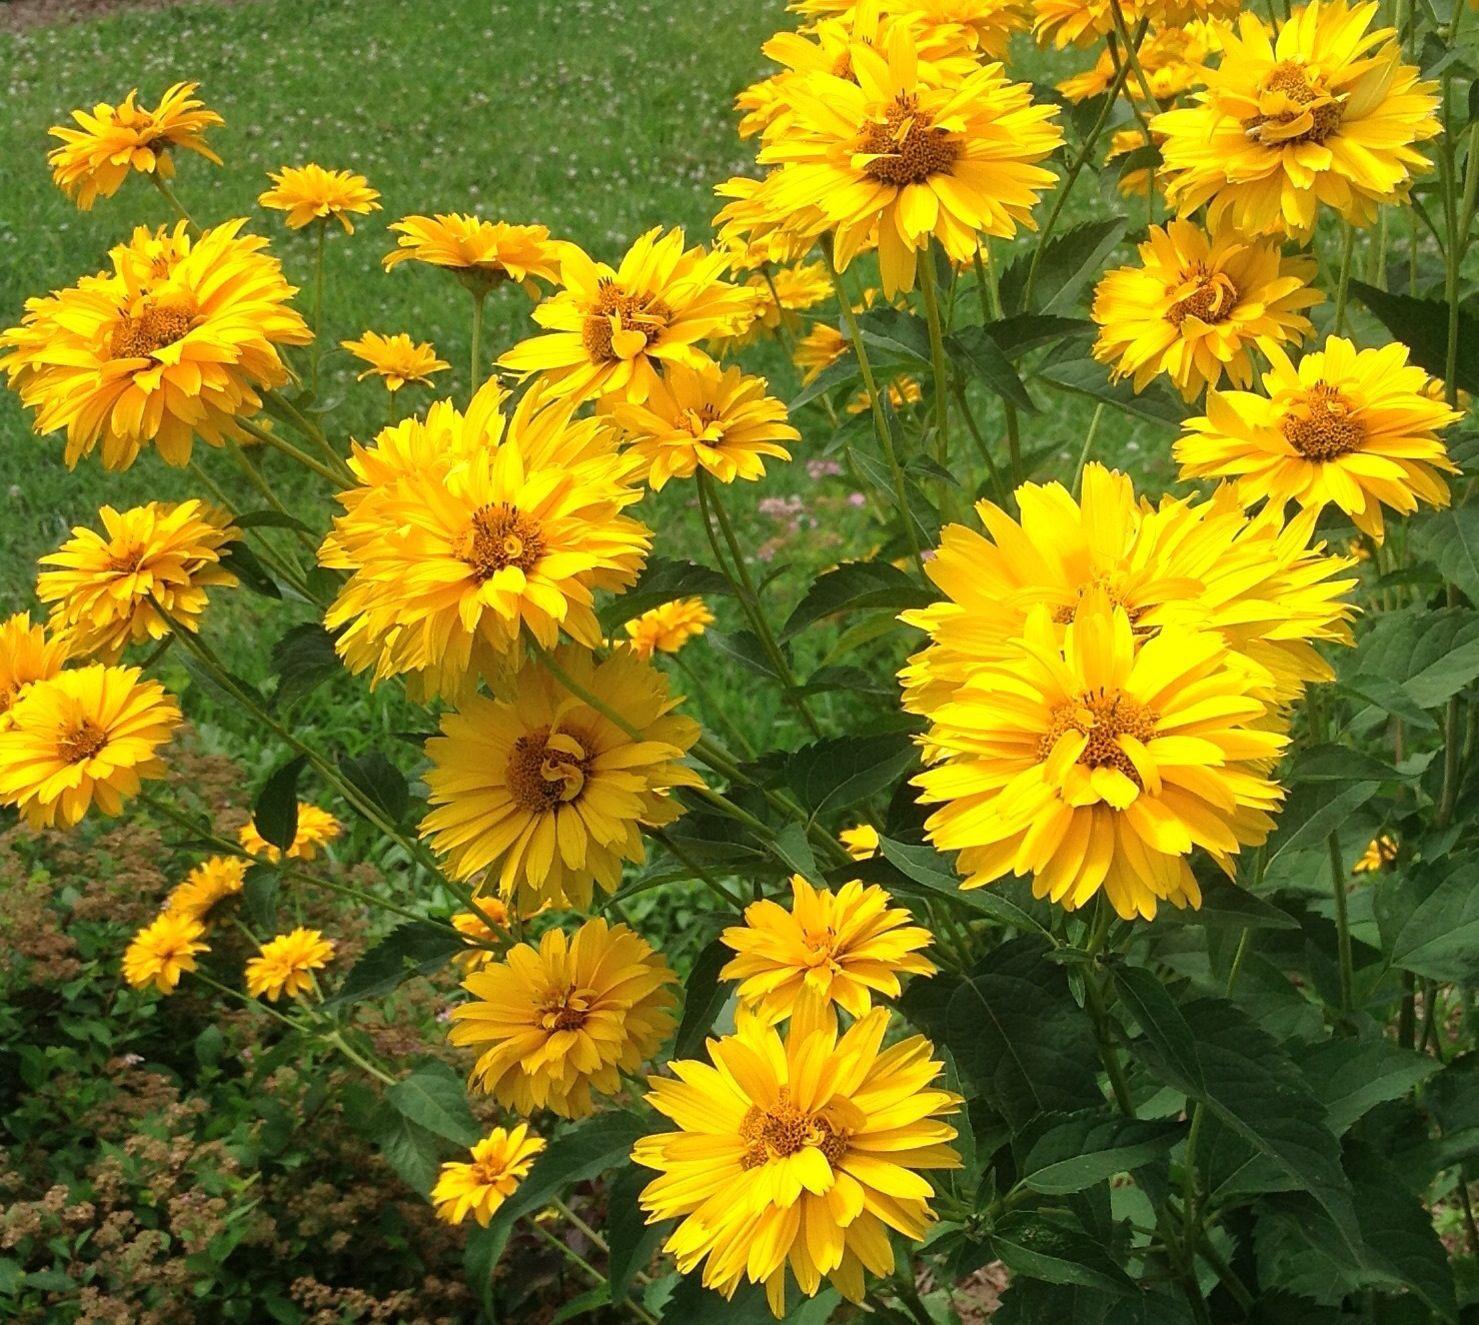 Beautiful blooms in the garden...